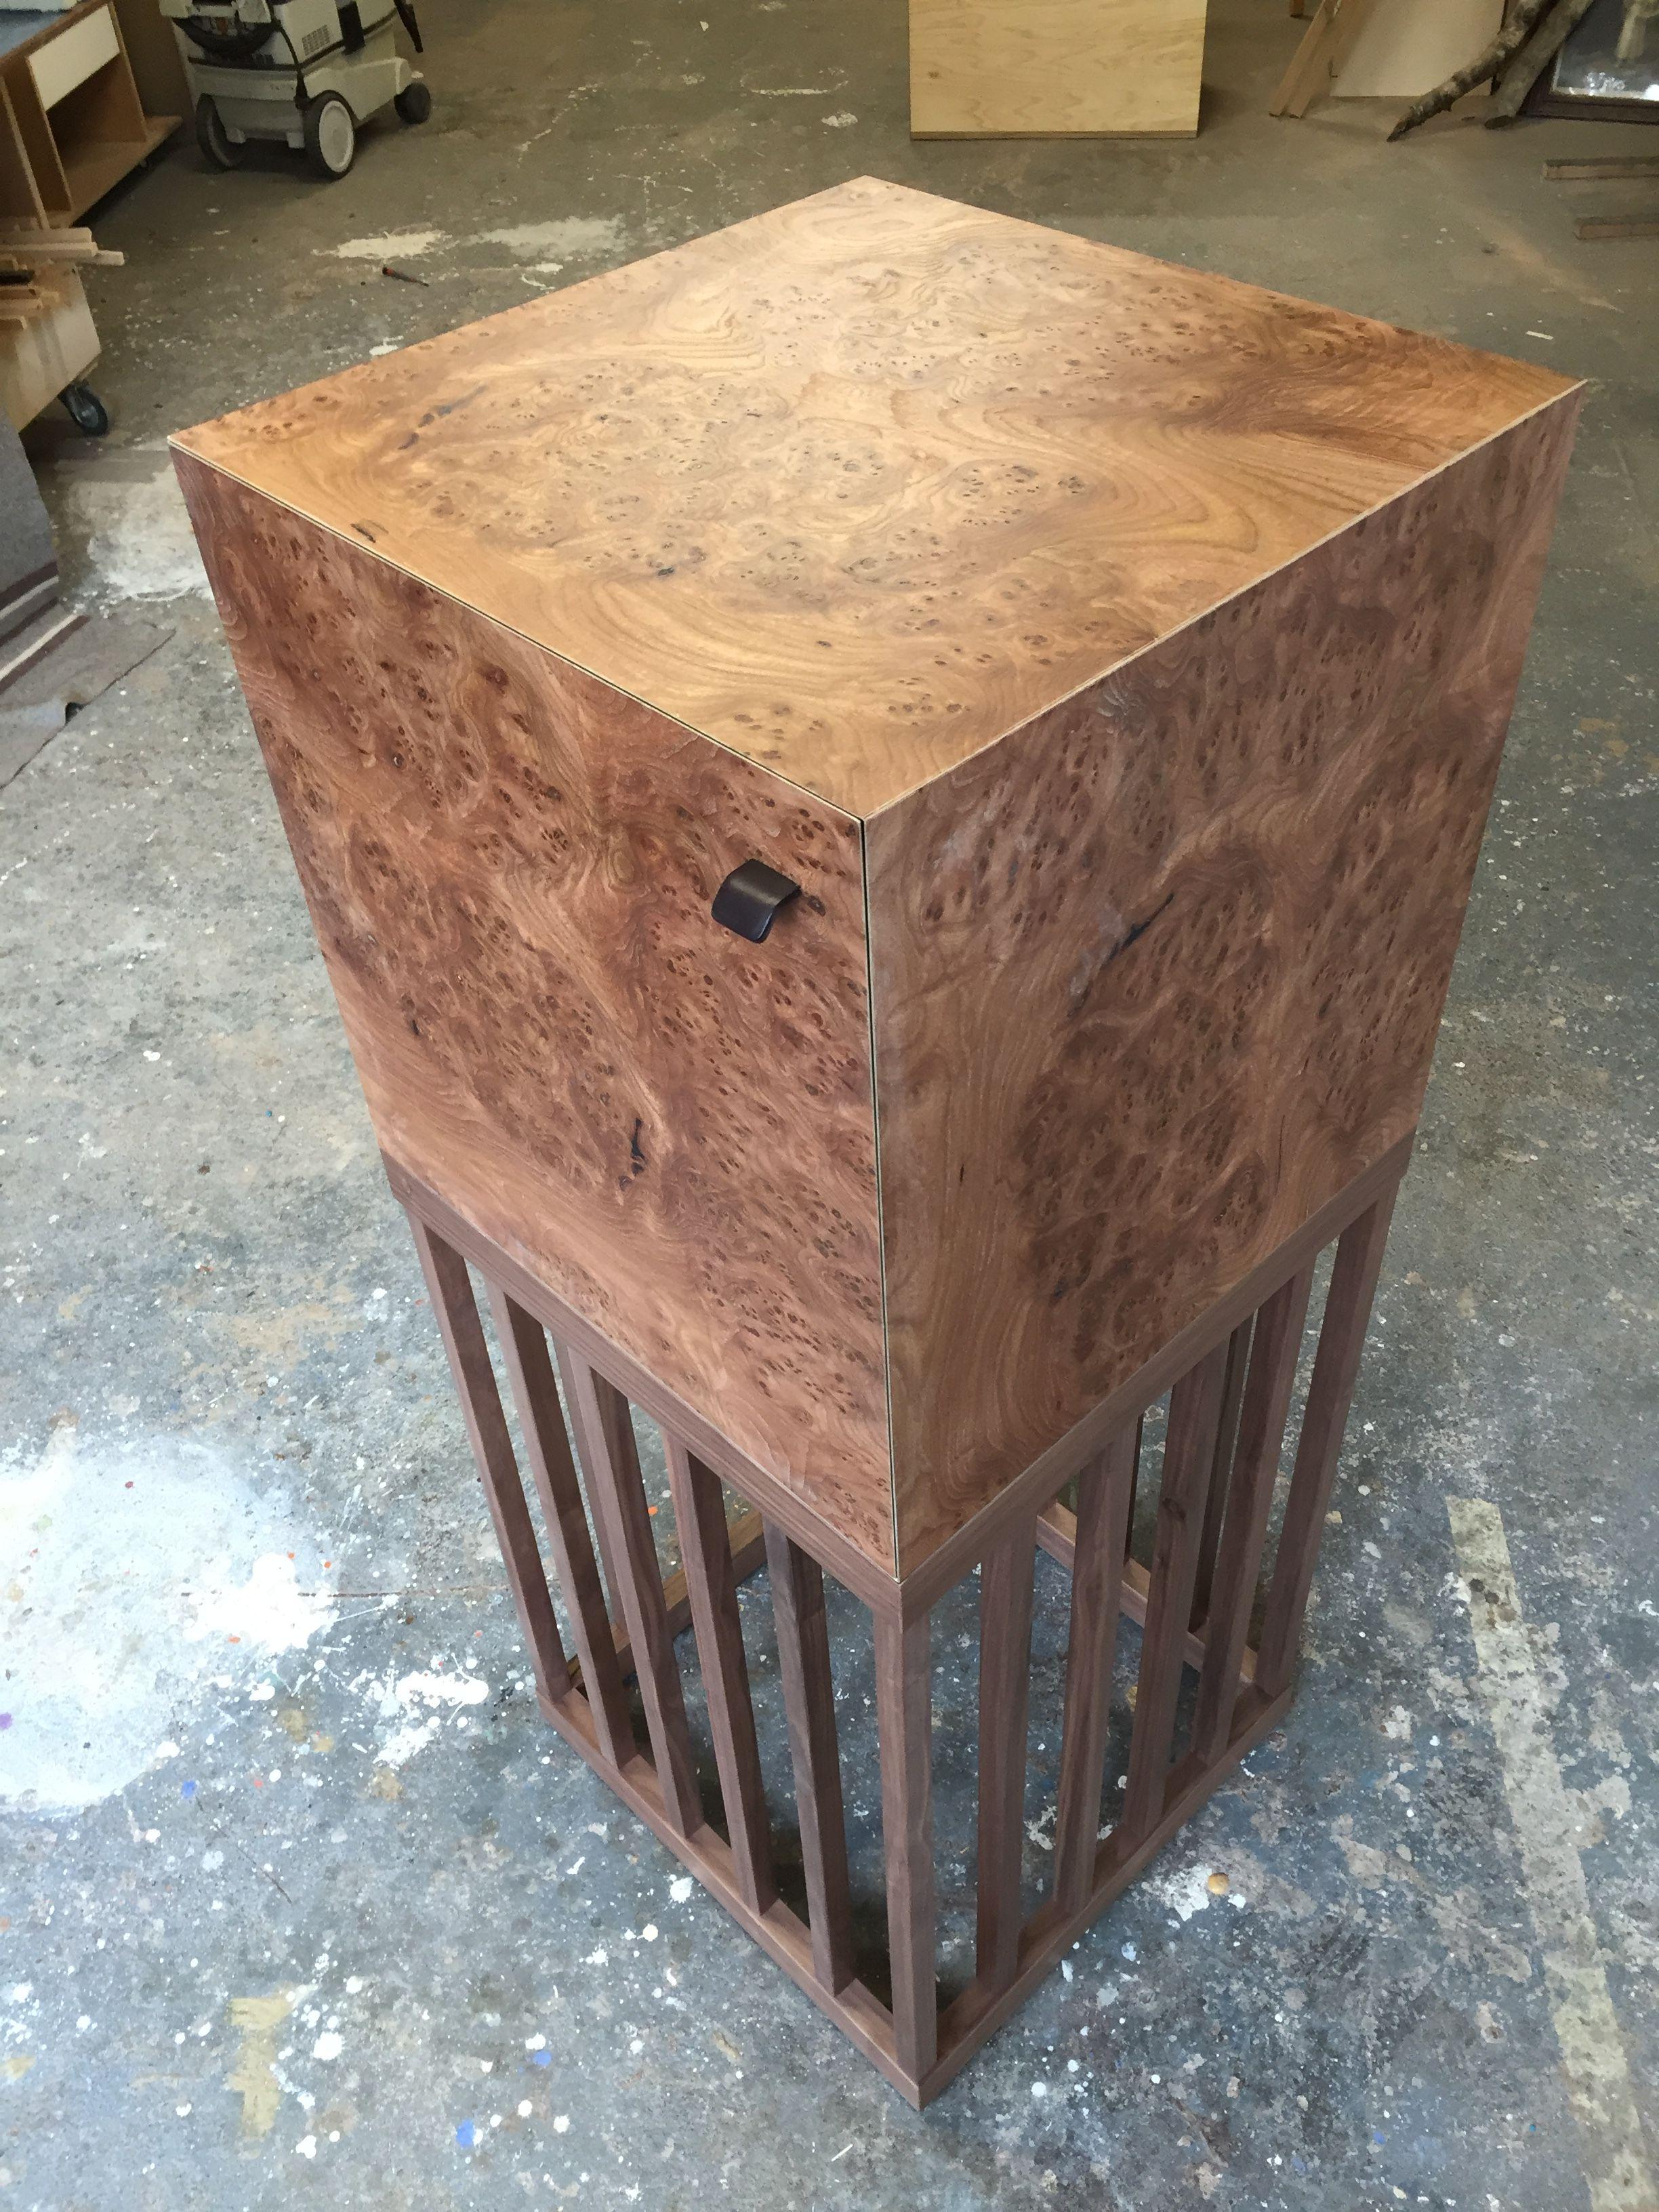 Kubischer Barschrank aus Wurzelmaserfurnier. Das Untergestell aus Nussbaum massiv